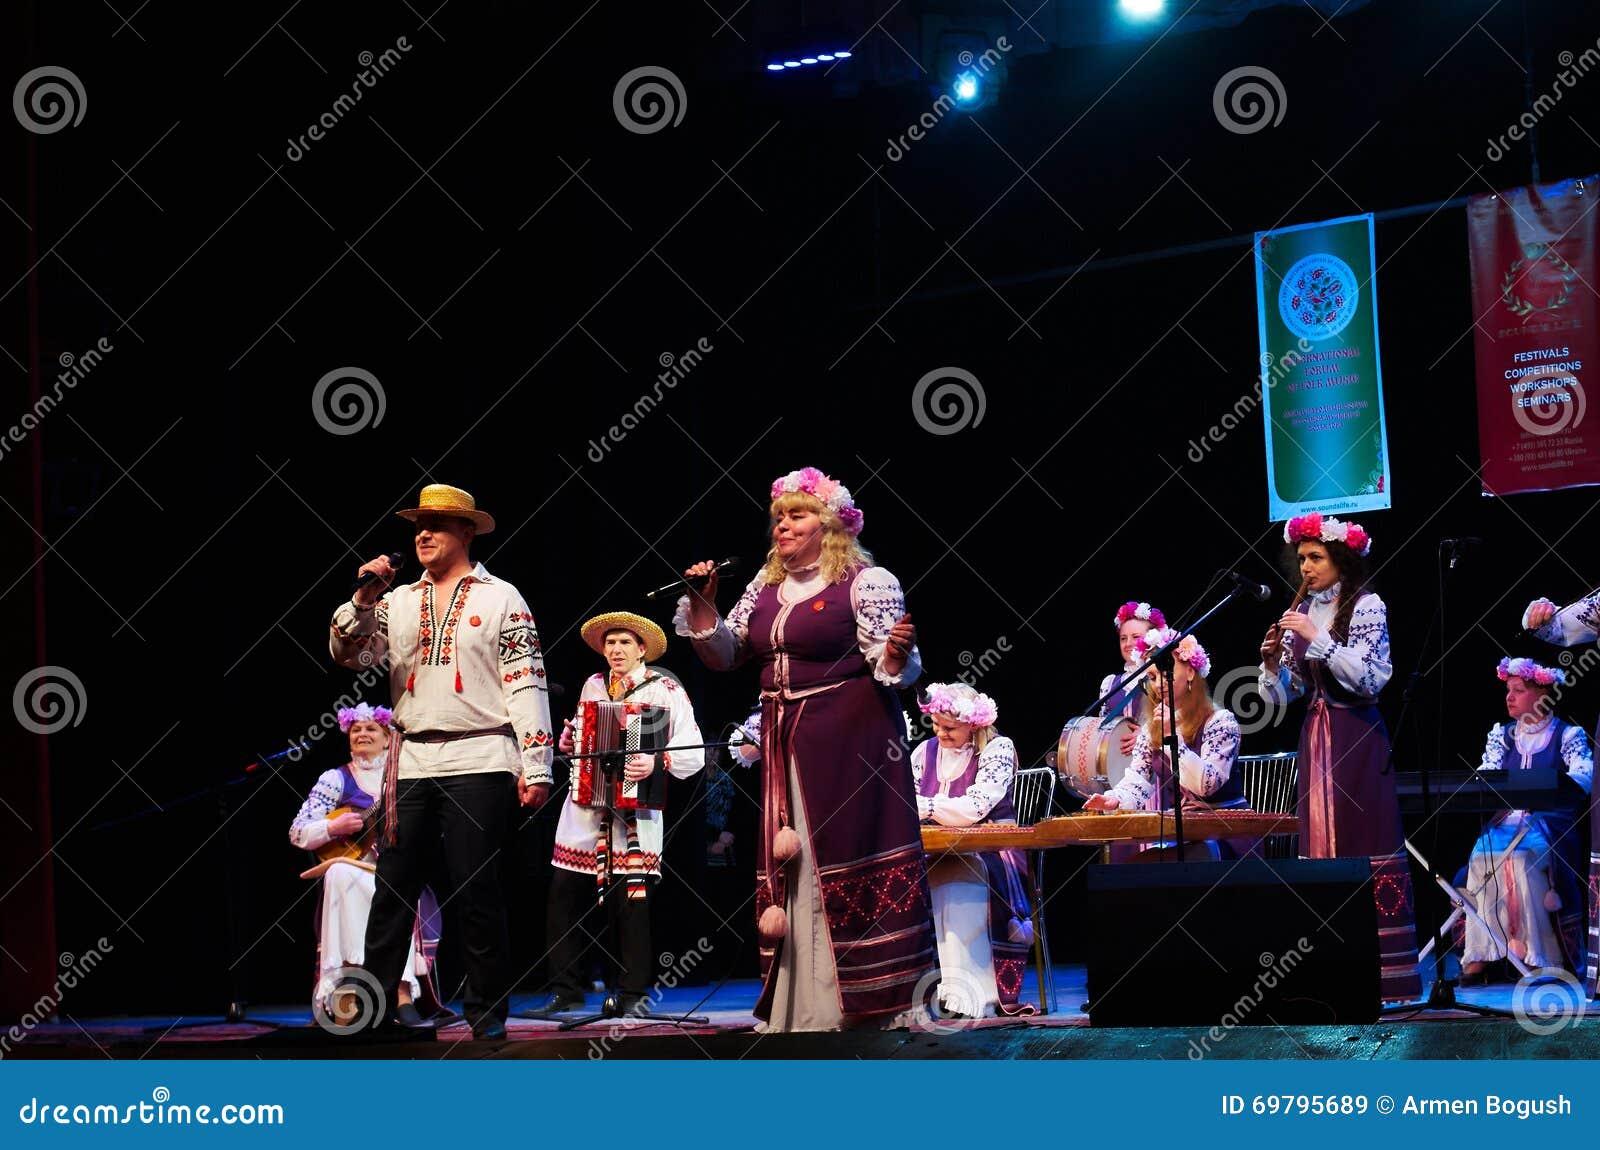 Fórum internacional da música folk e do folclore